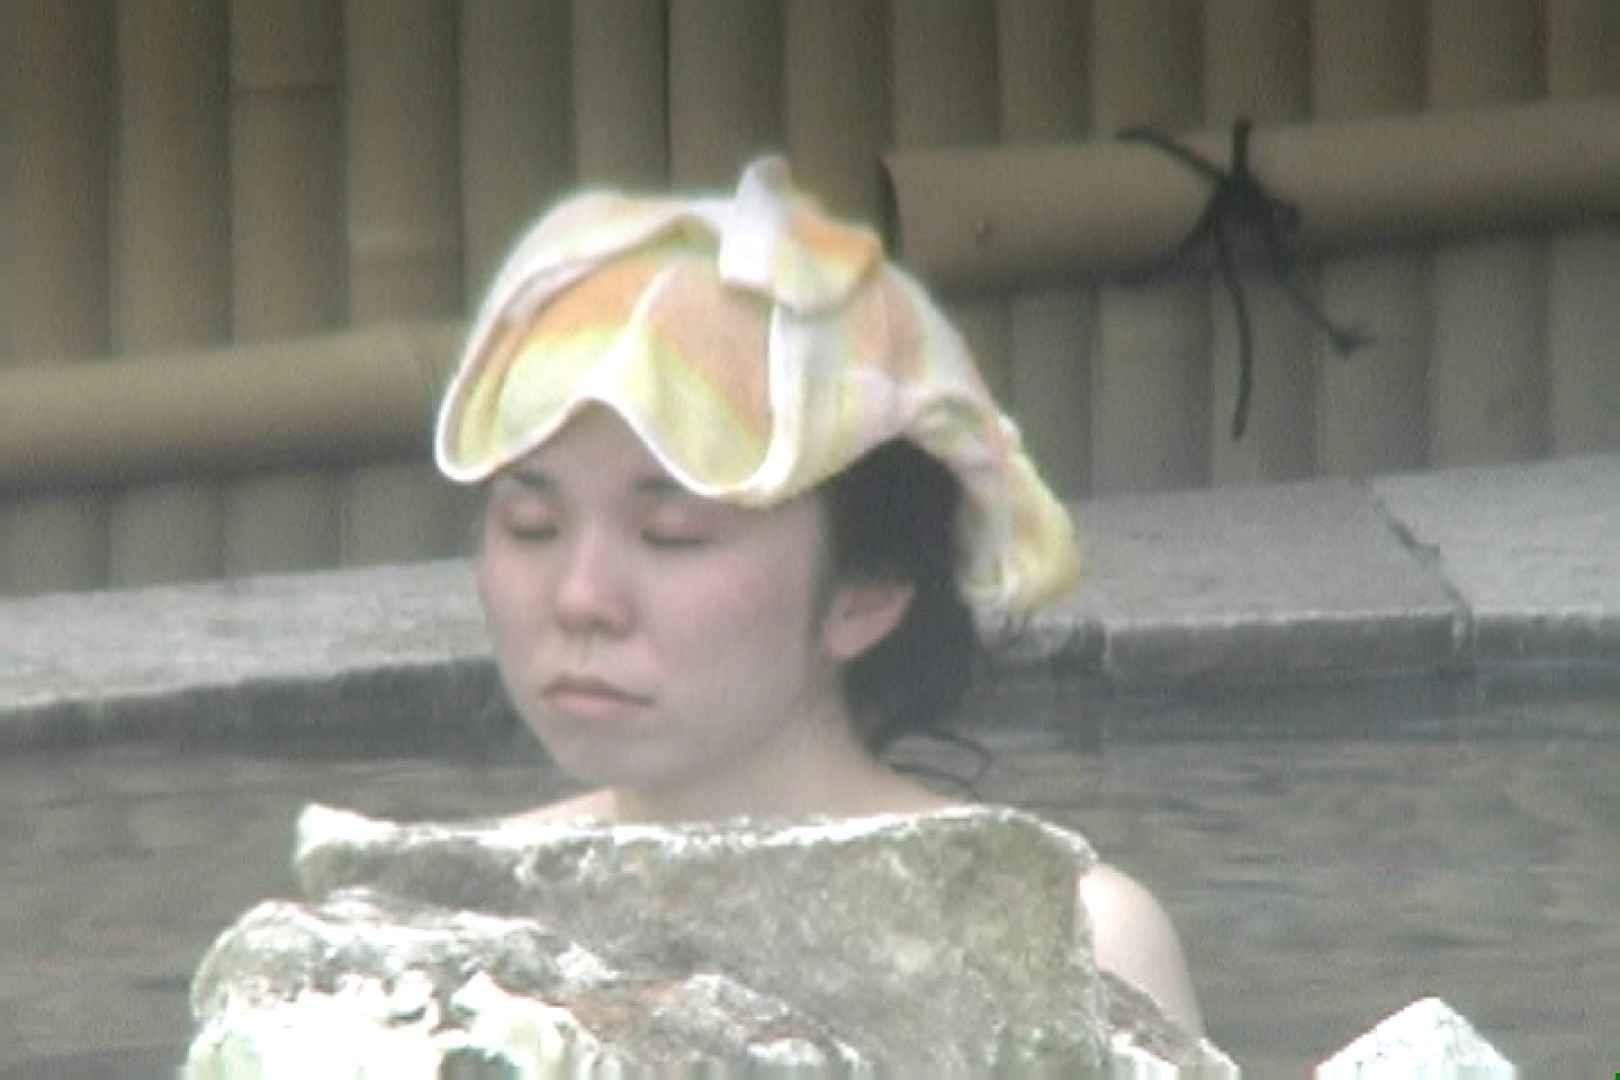 Aquaな露天風呂Vol.687 盗撮  63画像 36